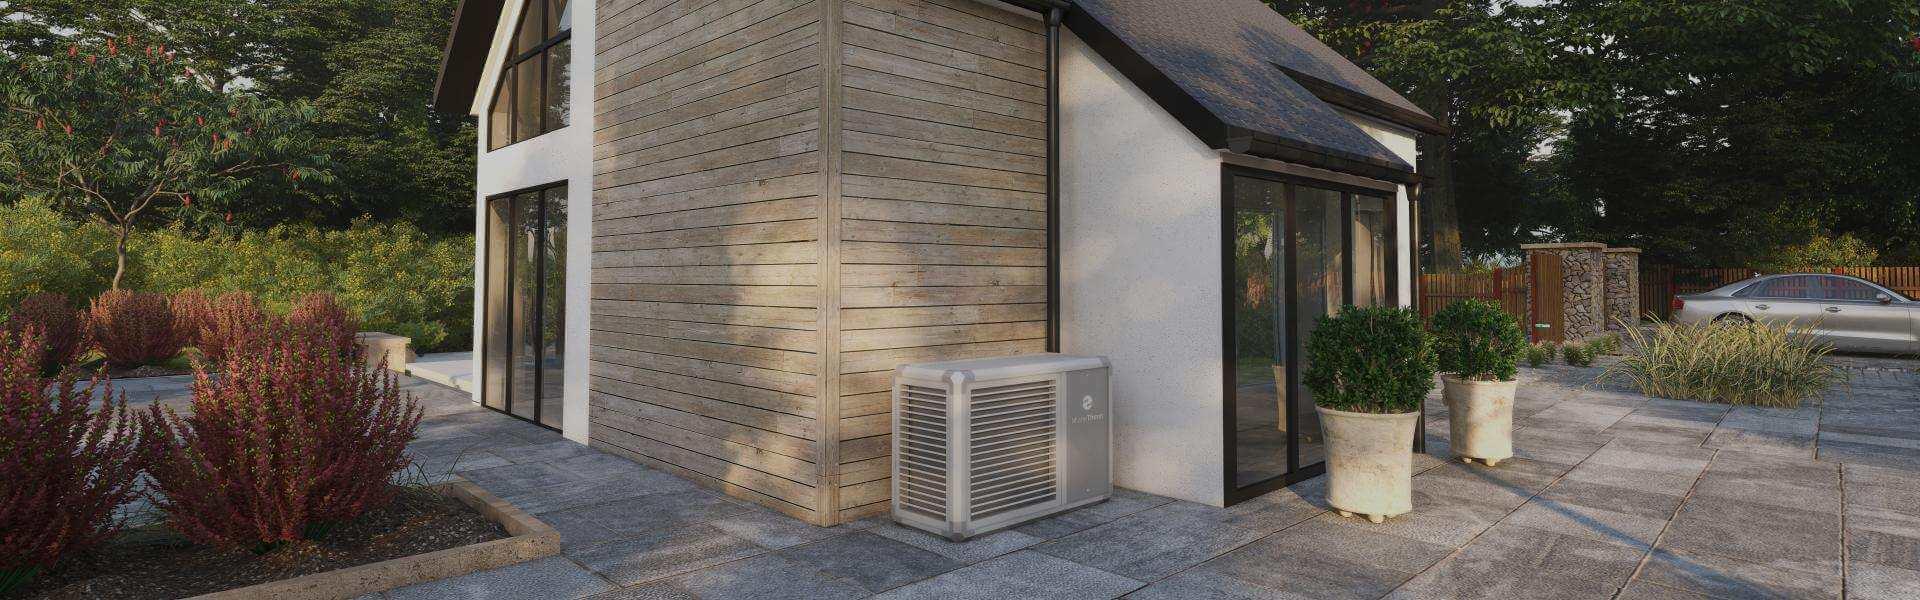 Vybíráme tepelné čerpadlo: Jaký systém se hodí právě pro váš dům?